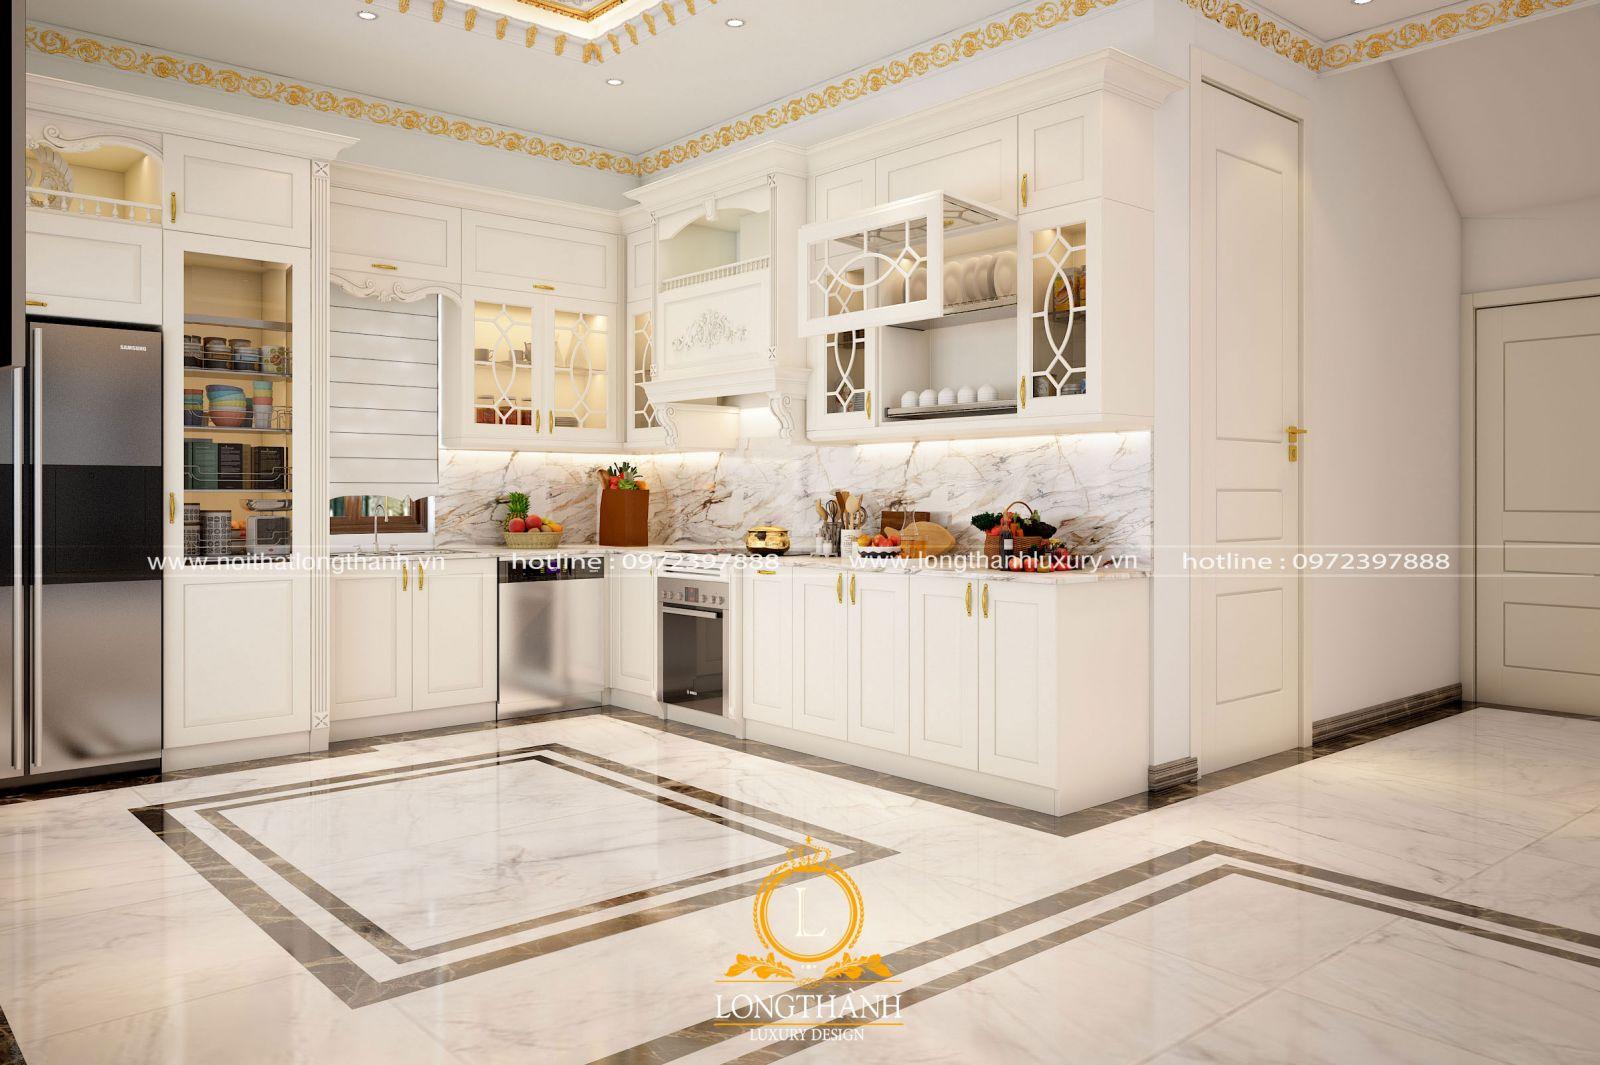 Thiết kế tủ bếp tân cổ điển làm từ gỗ tự nhiên được sơn trắng